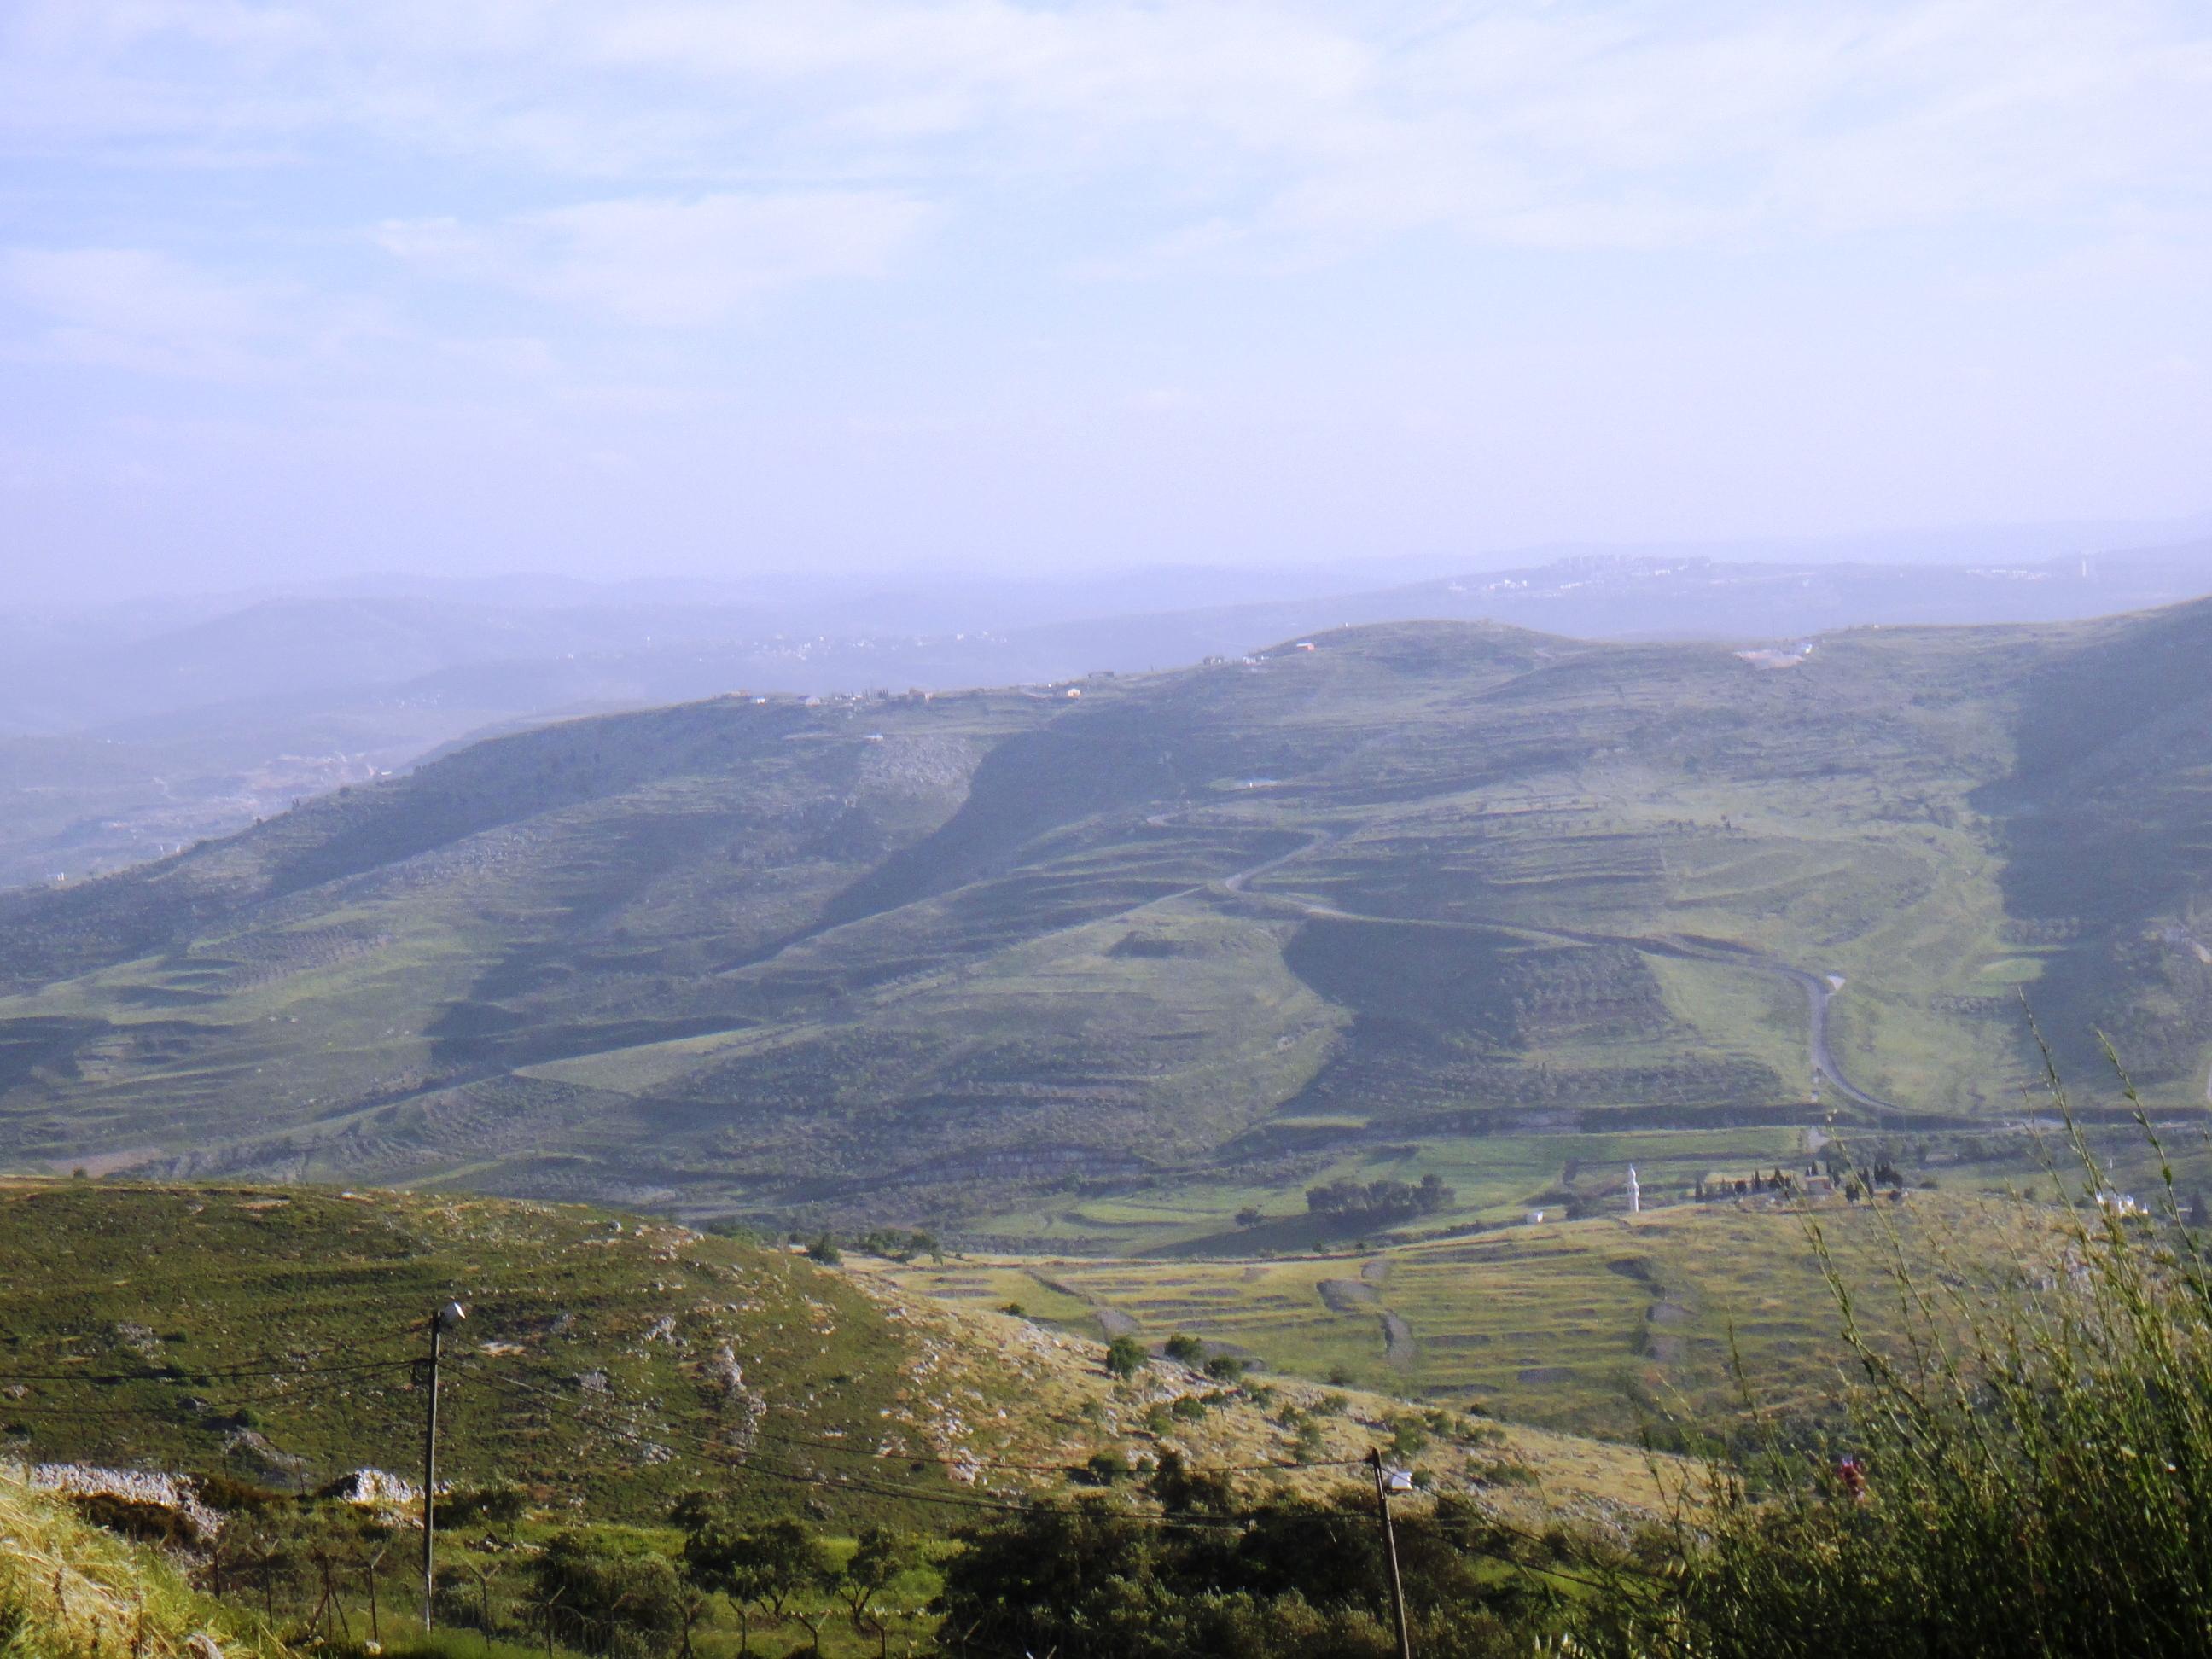 上图:撒马利亚周围的群山。